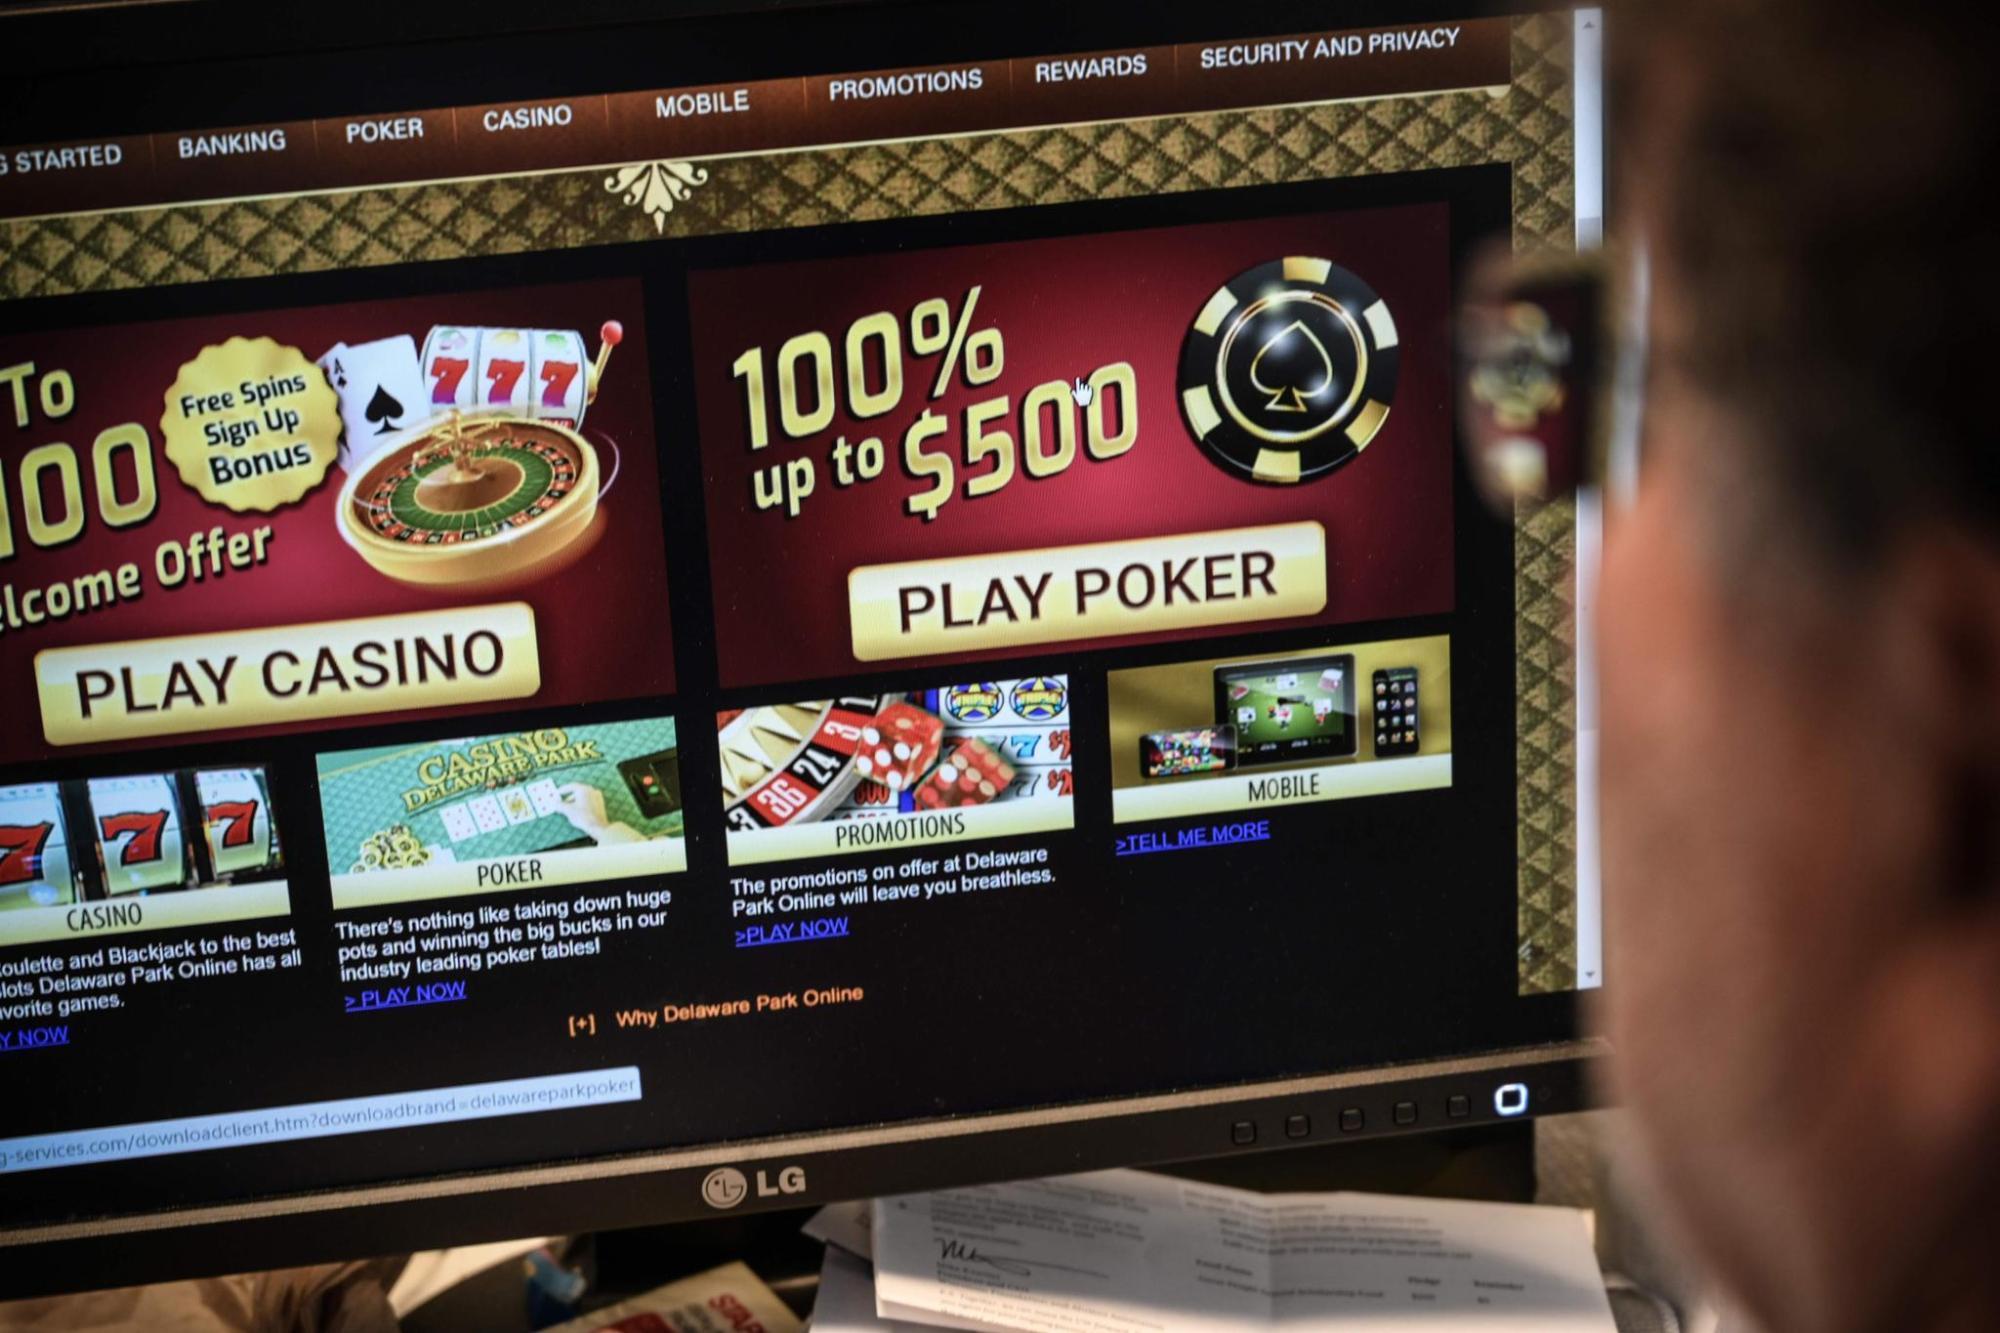 hight resolution of ohne einzahlung spiele solitr solitaire app kostenlos grauzone online casinos sportwetten gratis bonus